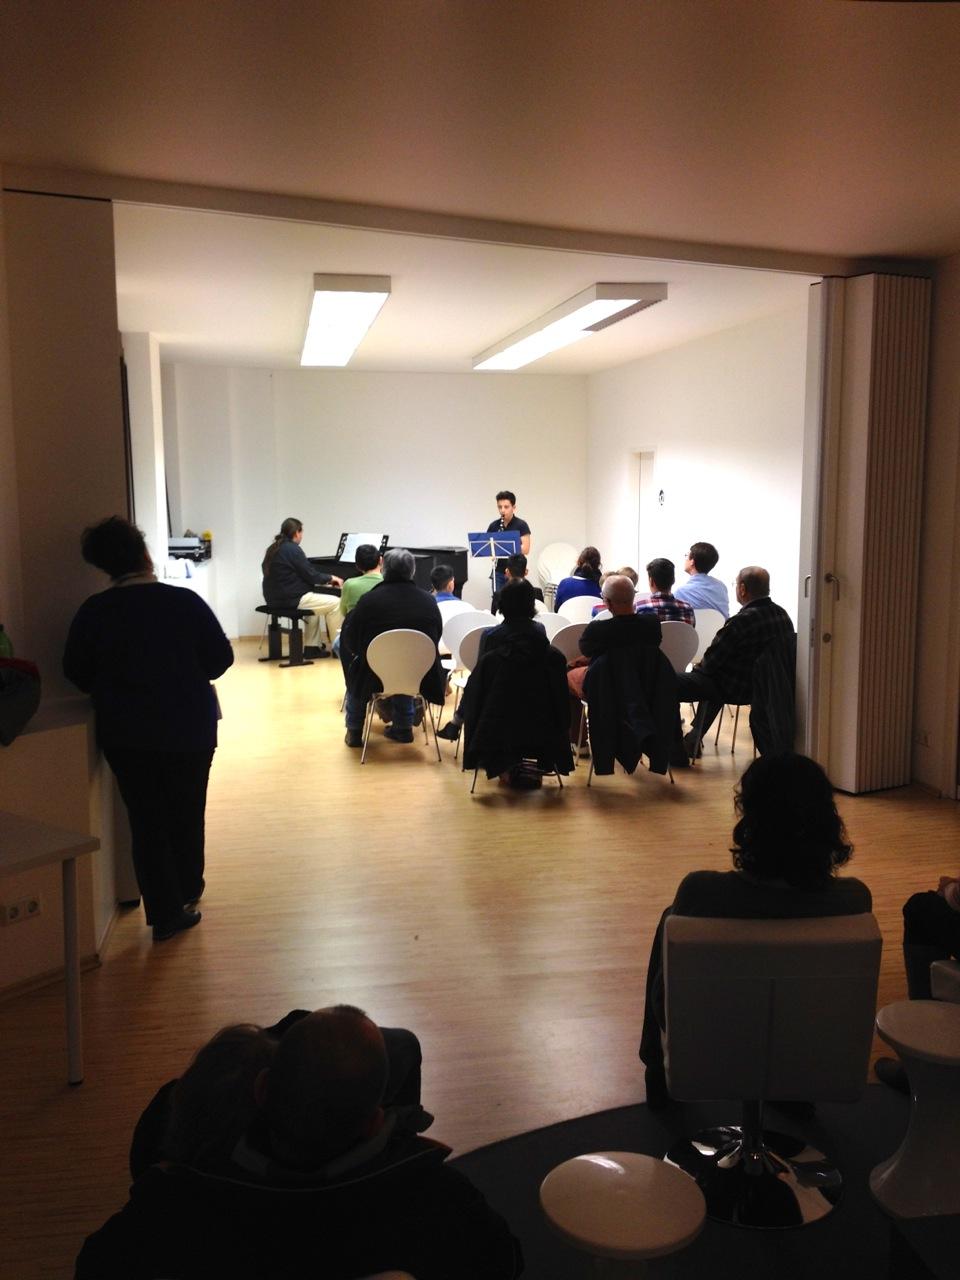 Konzert TonARTe Musikschule am 25.2.2015